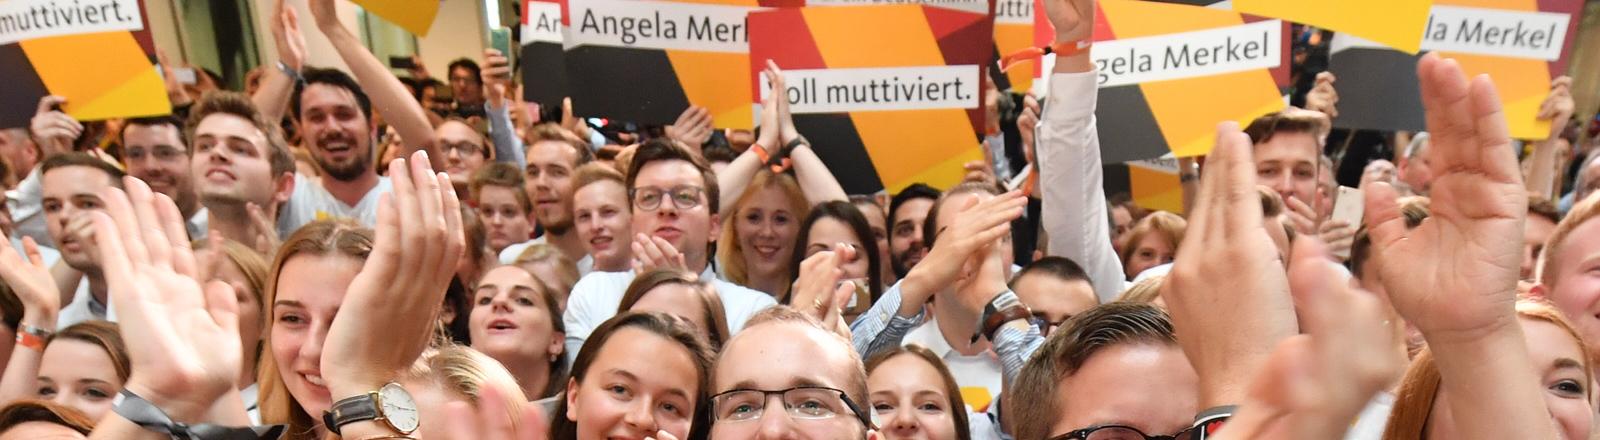 Anhänger der CDU feiern nach dem Wahlsieg der CDU bei der Bundestagswahl 2017